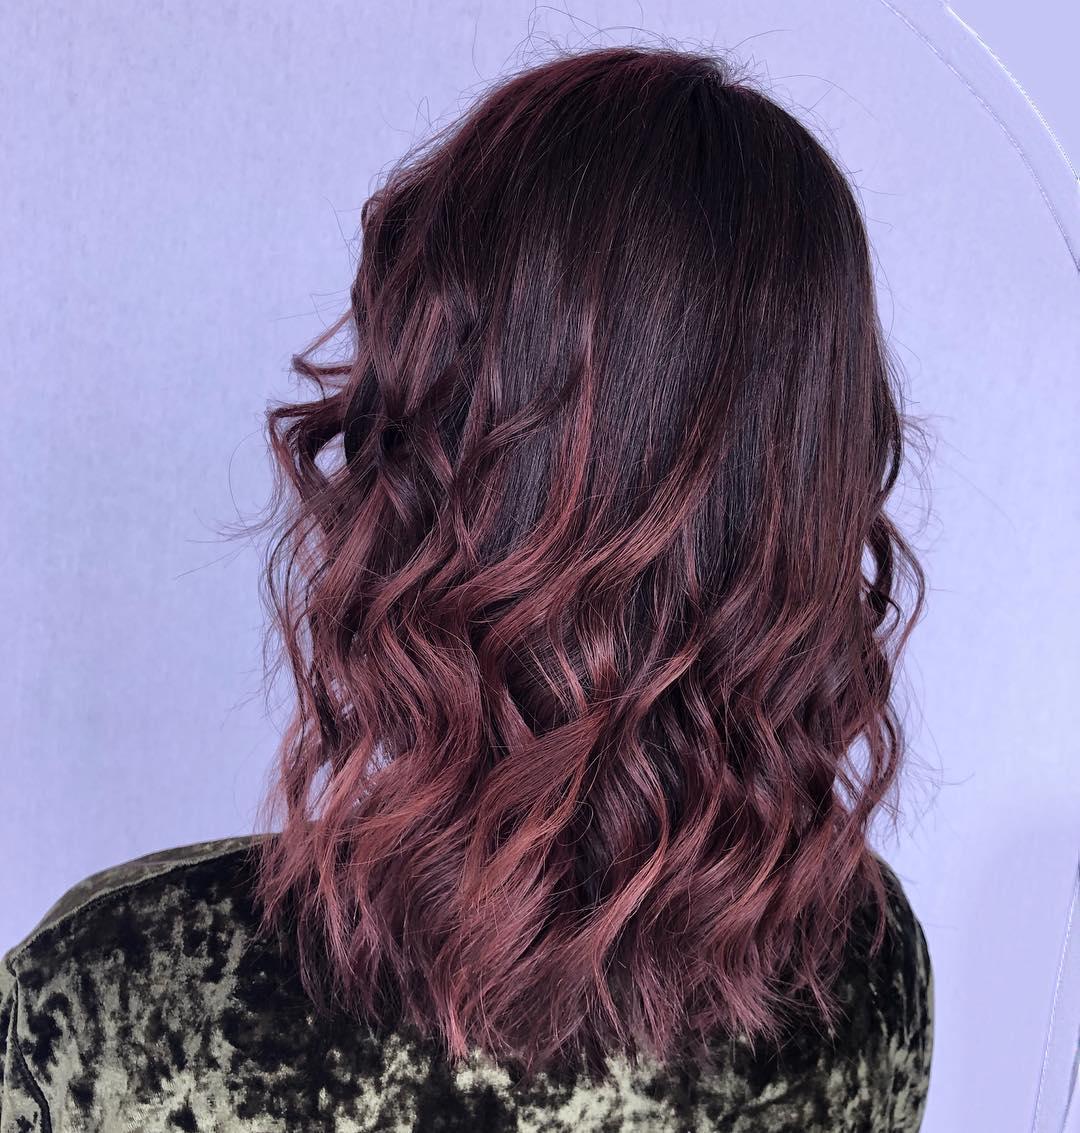 Cor-de-cabelo-chocolate-malva-História,-fotos,-inspiração,-tendências